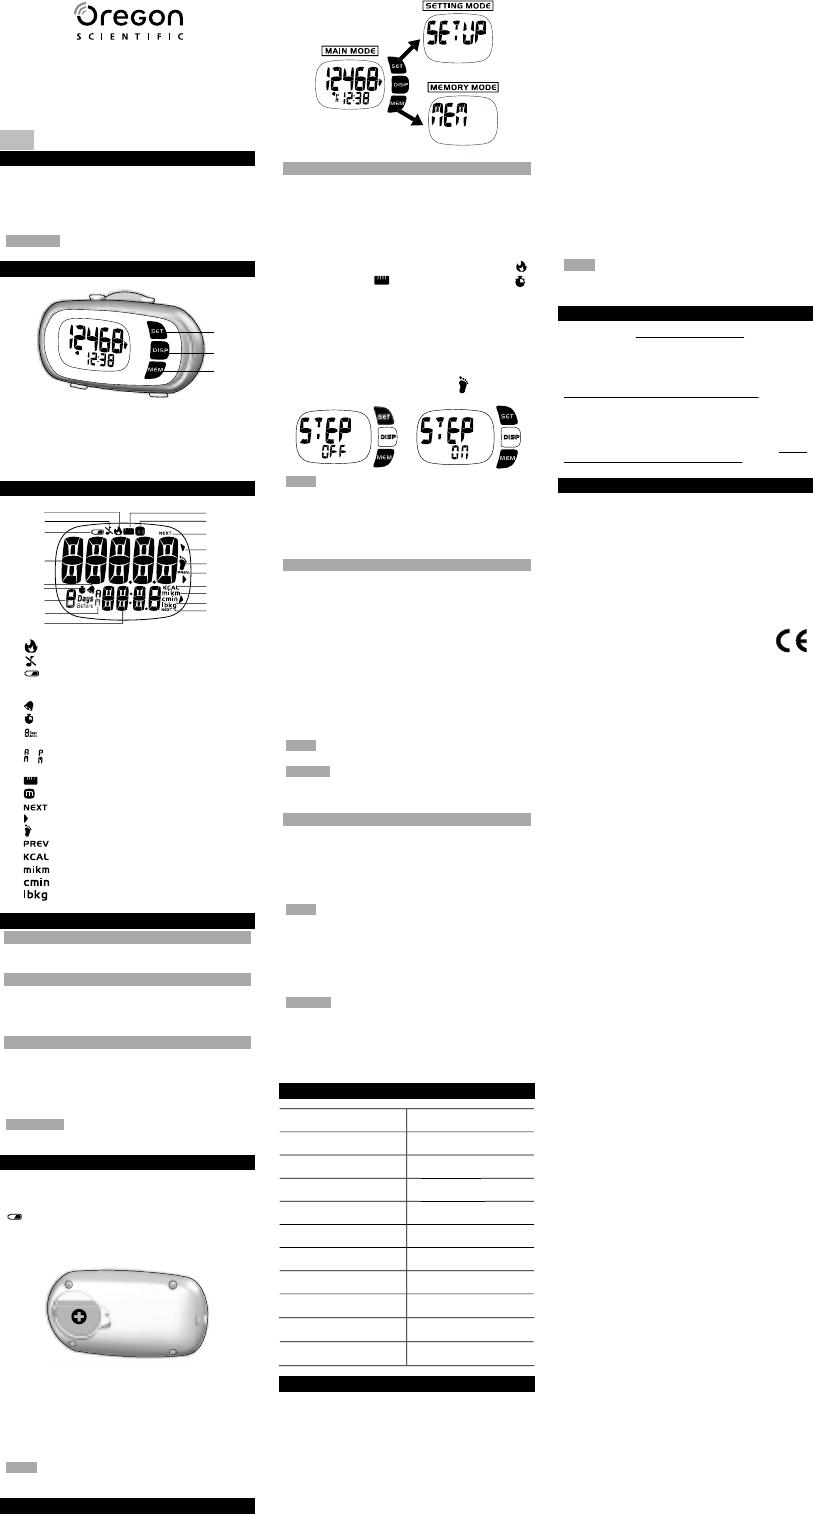 Bedienungsanleitung Oregon Scientific PE980 (8 Seiten)